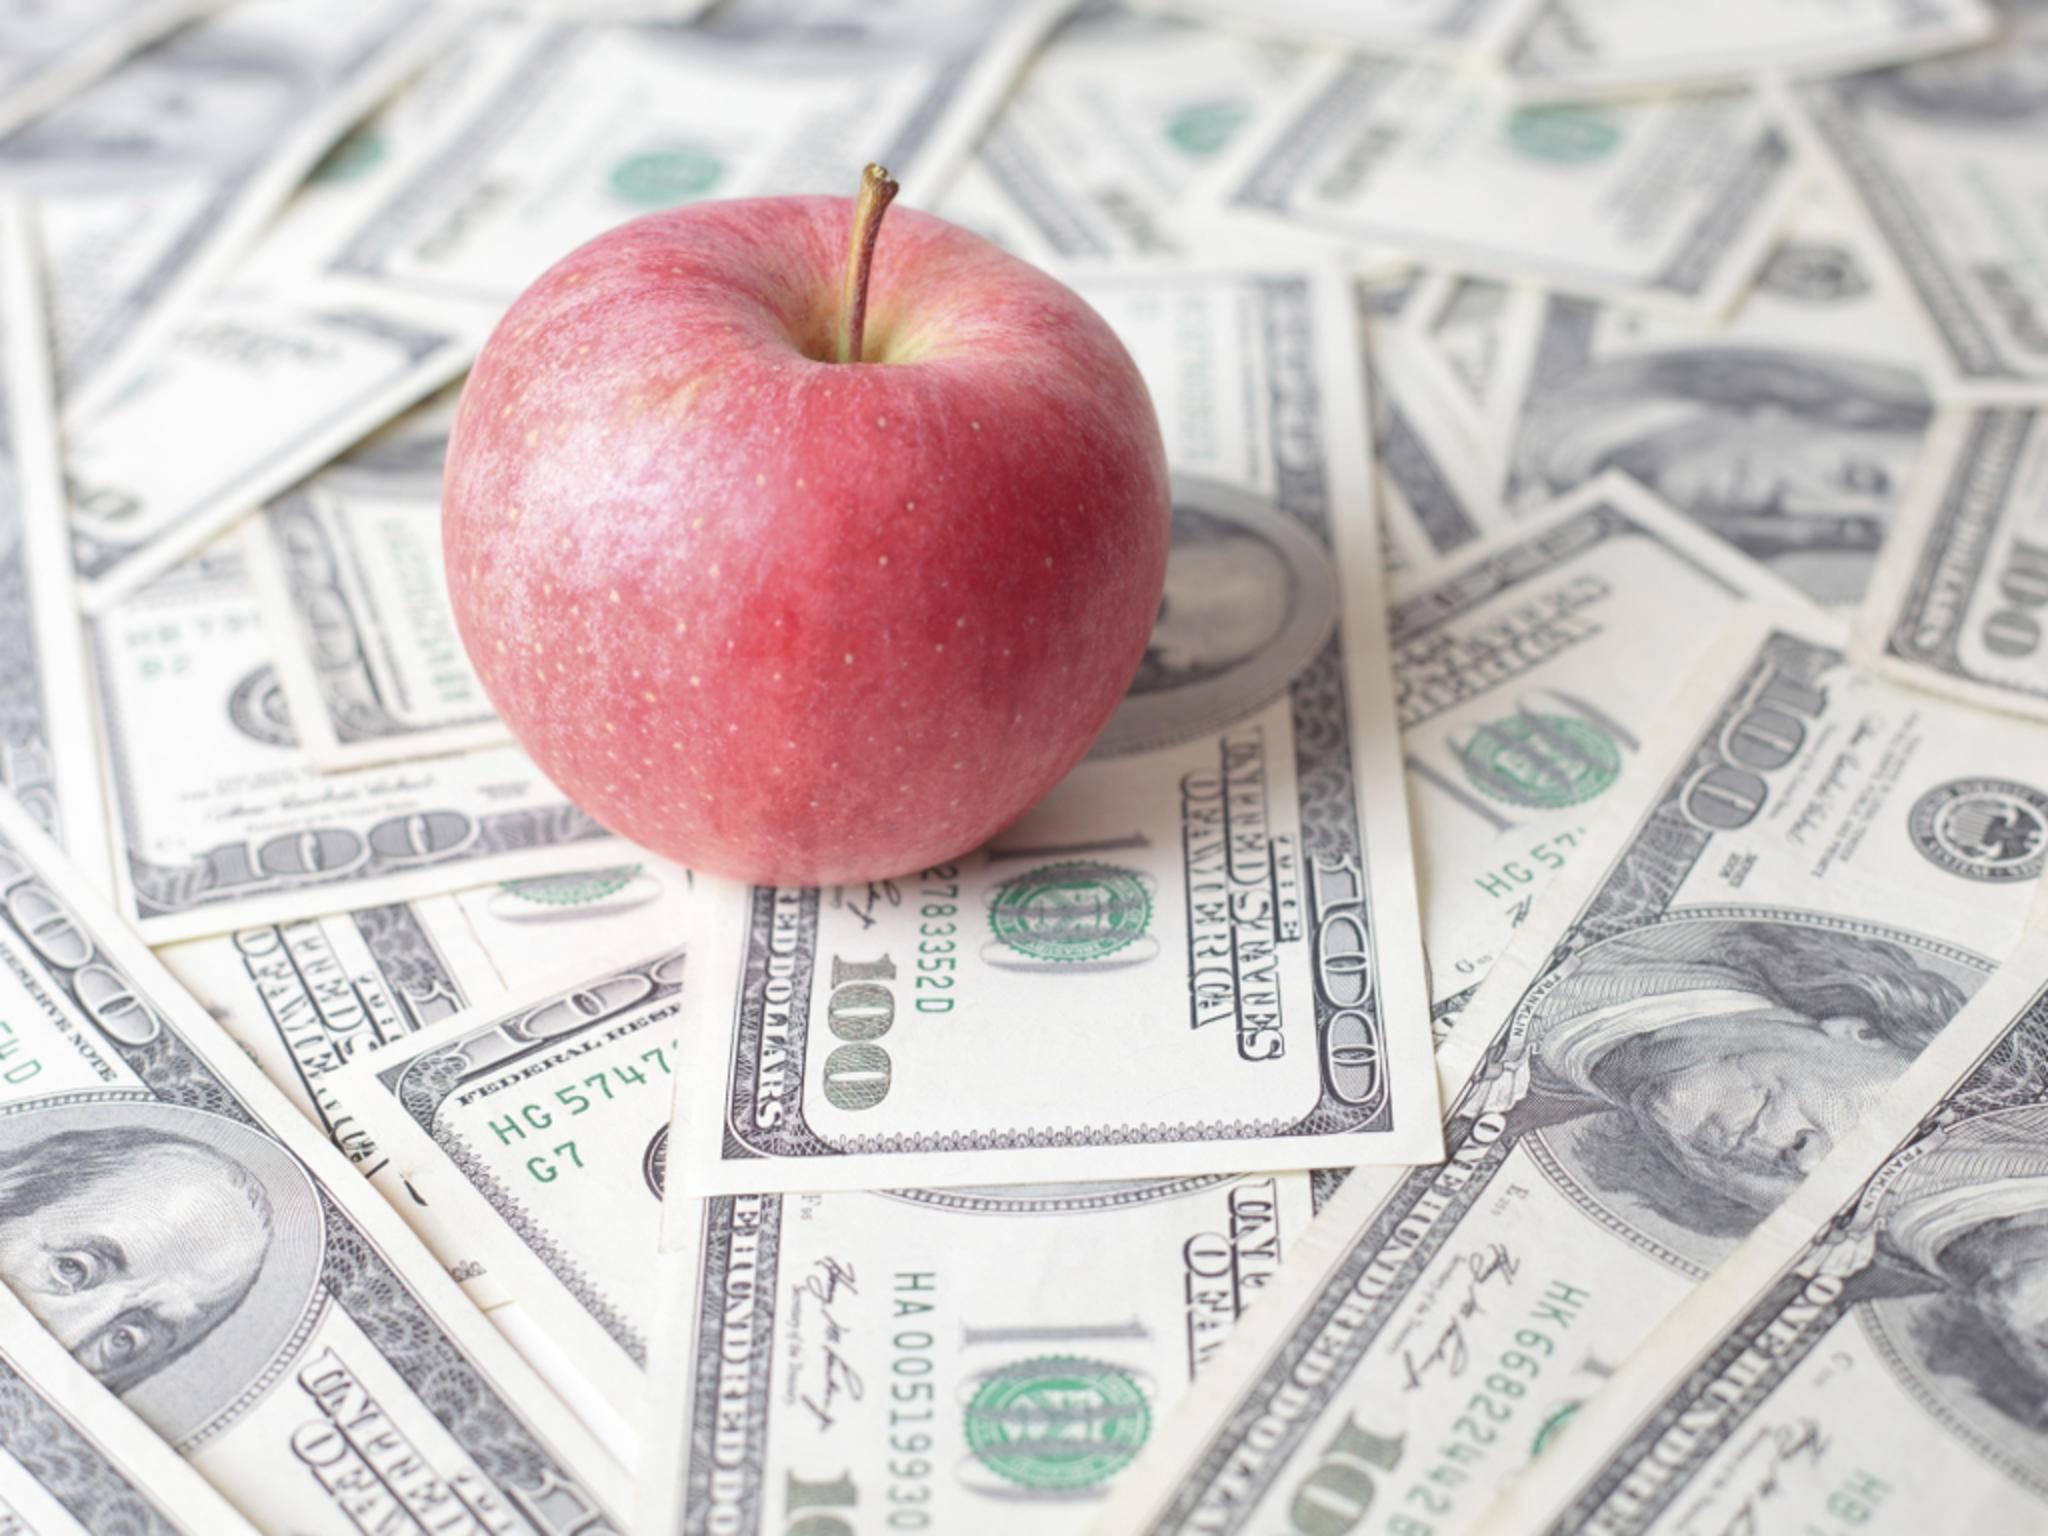 Zwar schwimmt Apple in Geld, aber Du bekommst nur wenig davon für dein Altgerät.